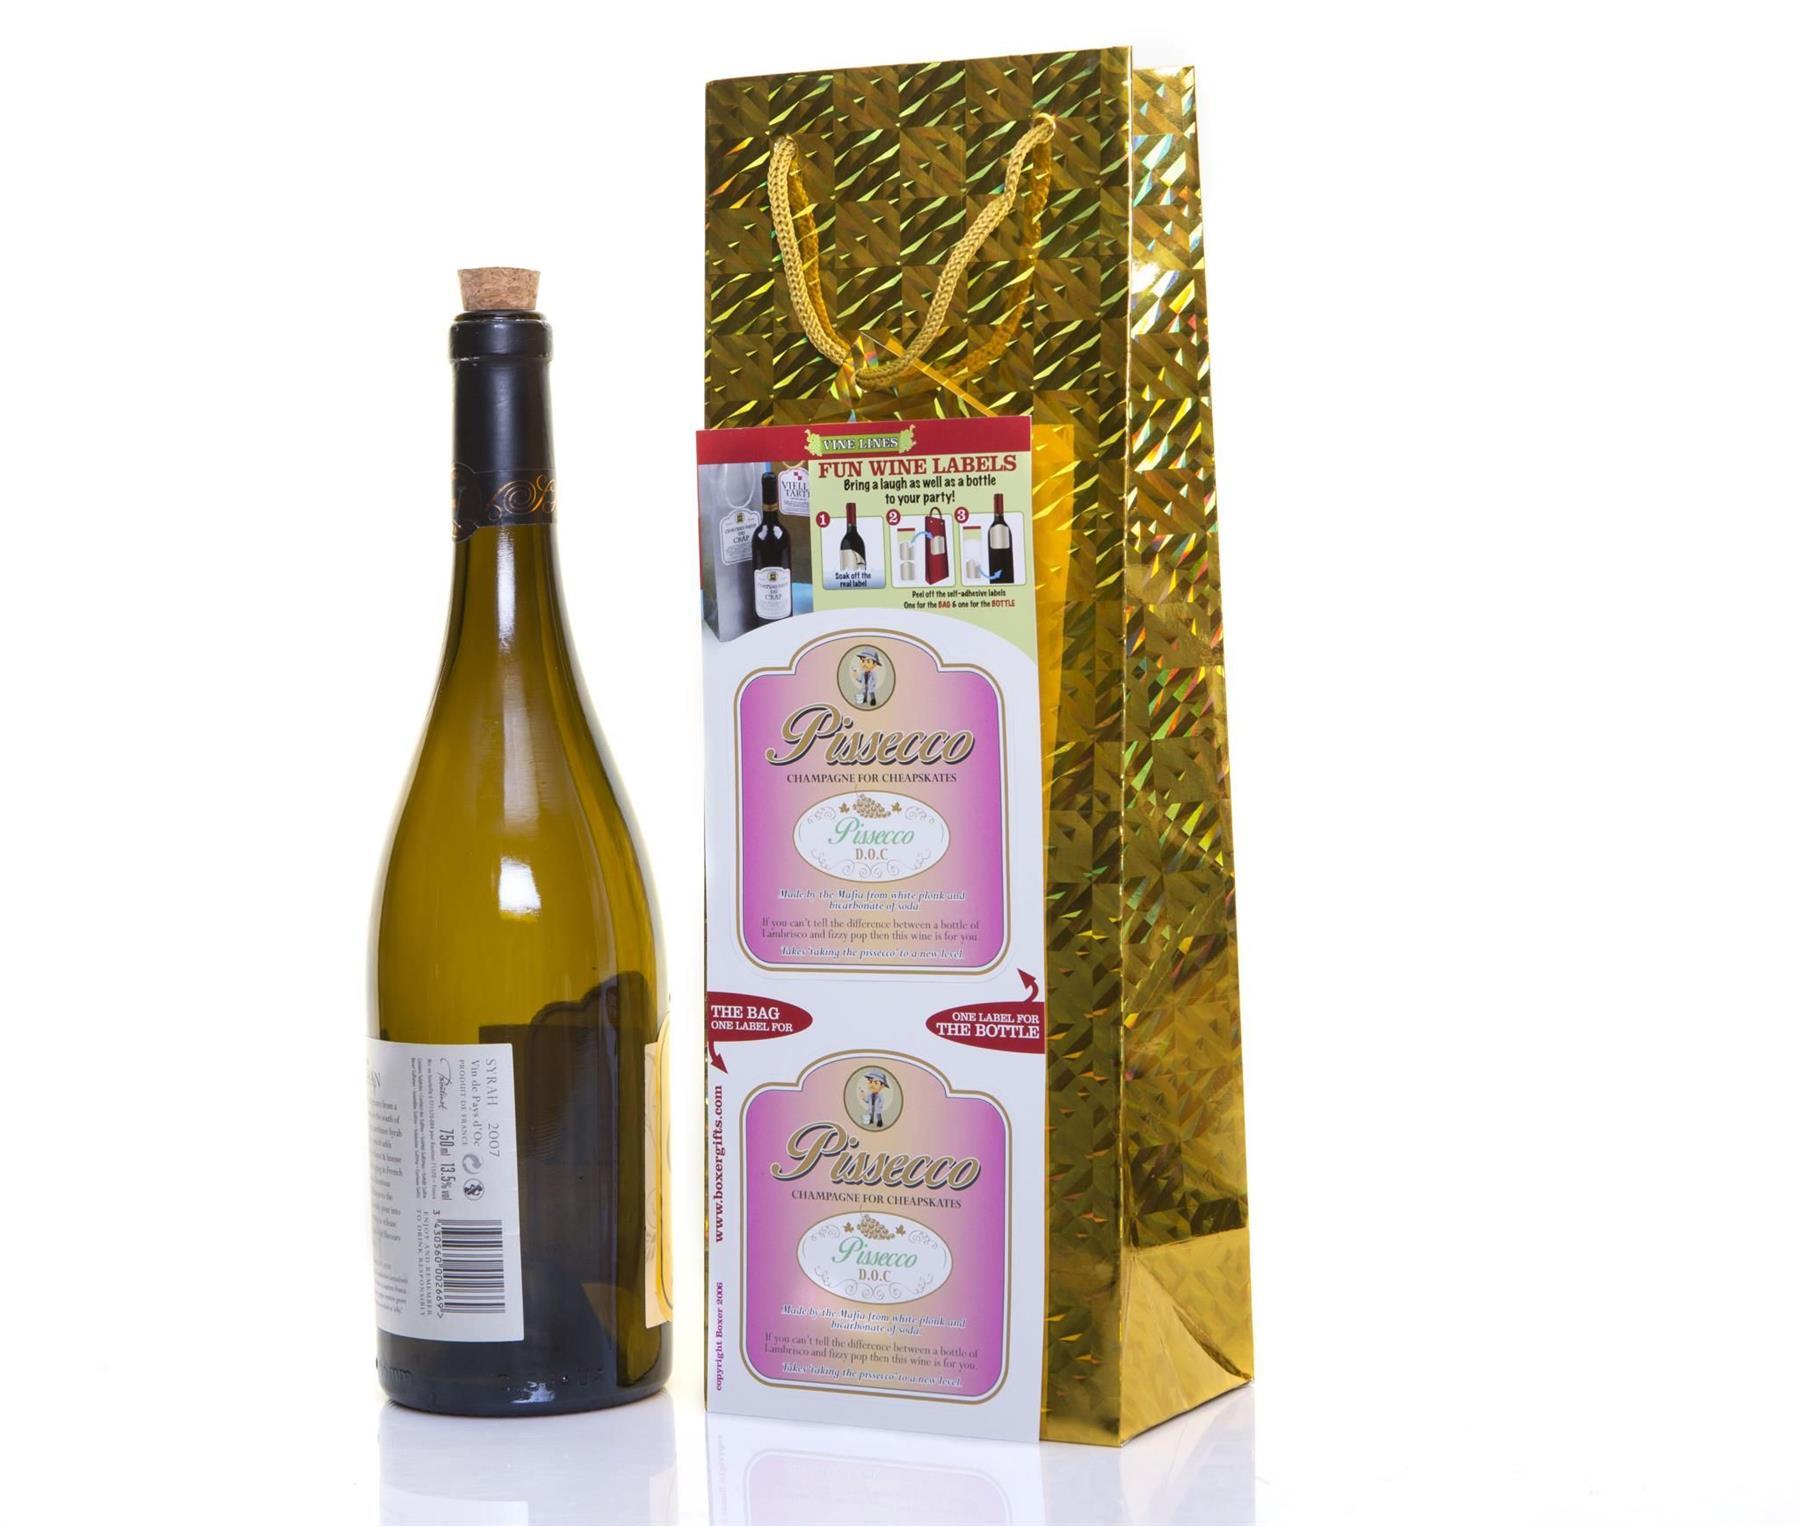 Bolsa-para-botella-de-vino-Novedad-Etiqueta-Divertido-Broma-Navidad miniatura 14